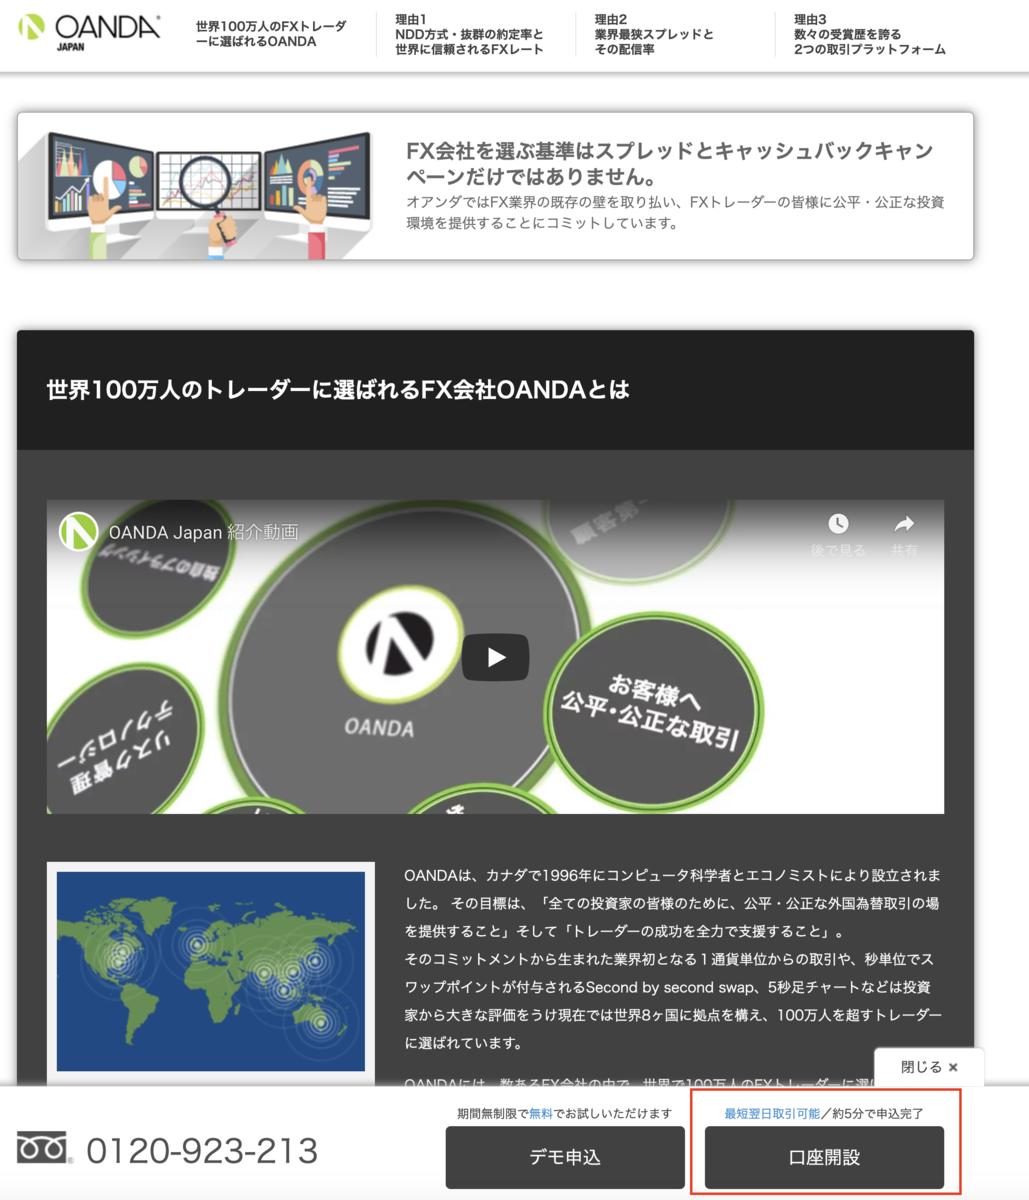 OANDA JAPANホームページ